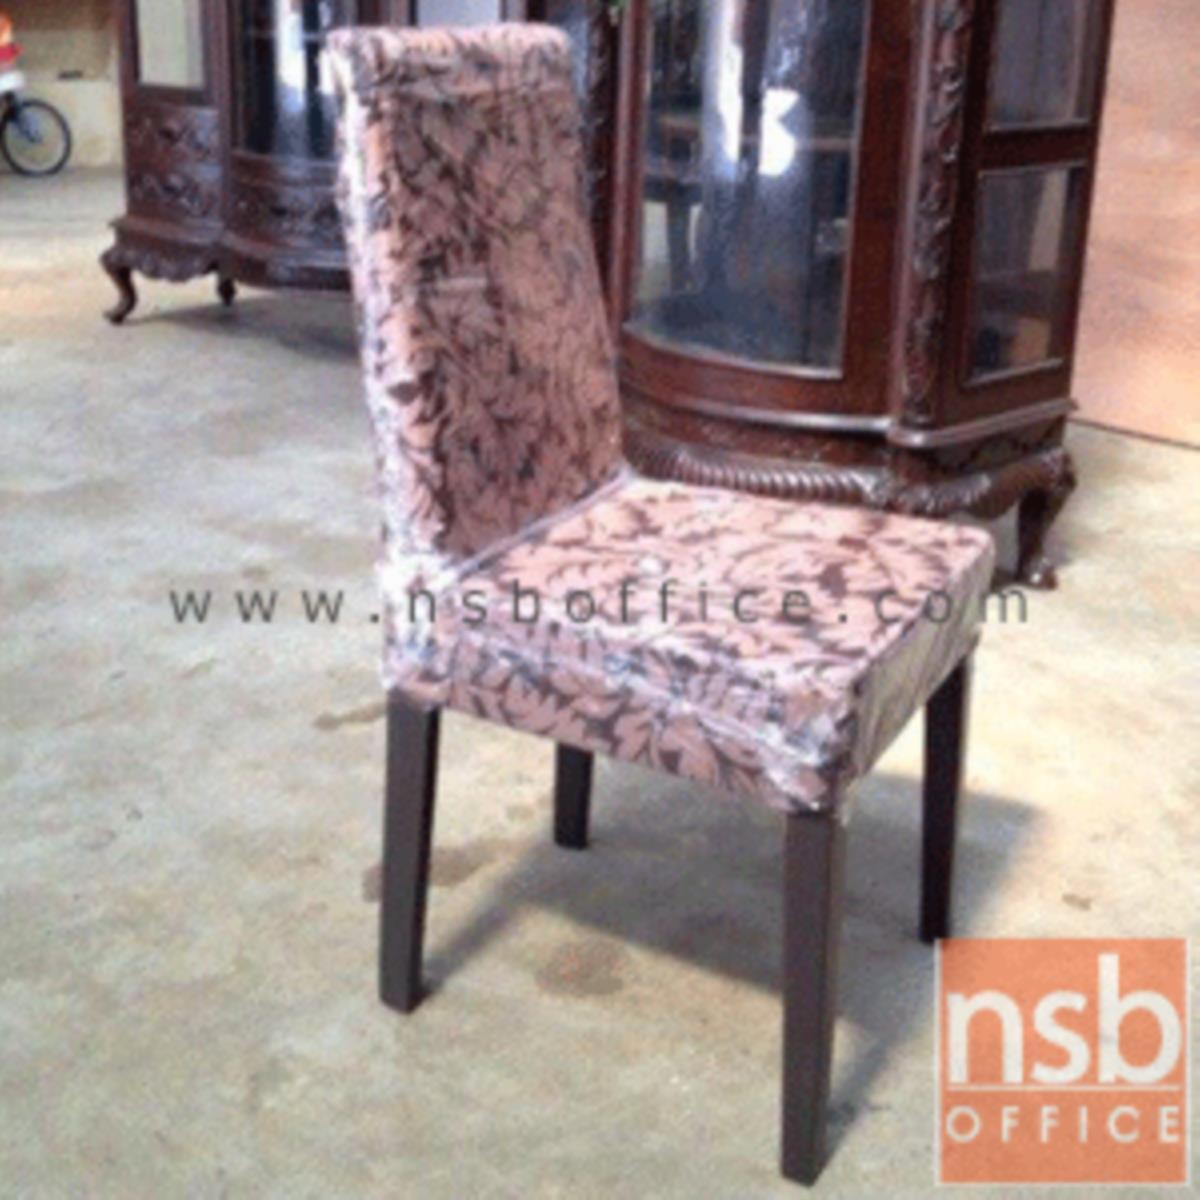 เก้าอี้ไม้ยางพาราที่นั่งหุ้มหนังเทียม รุ่น Karolina (คาโรไลน่า) ขาไม้